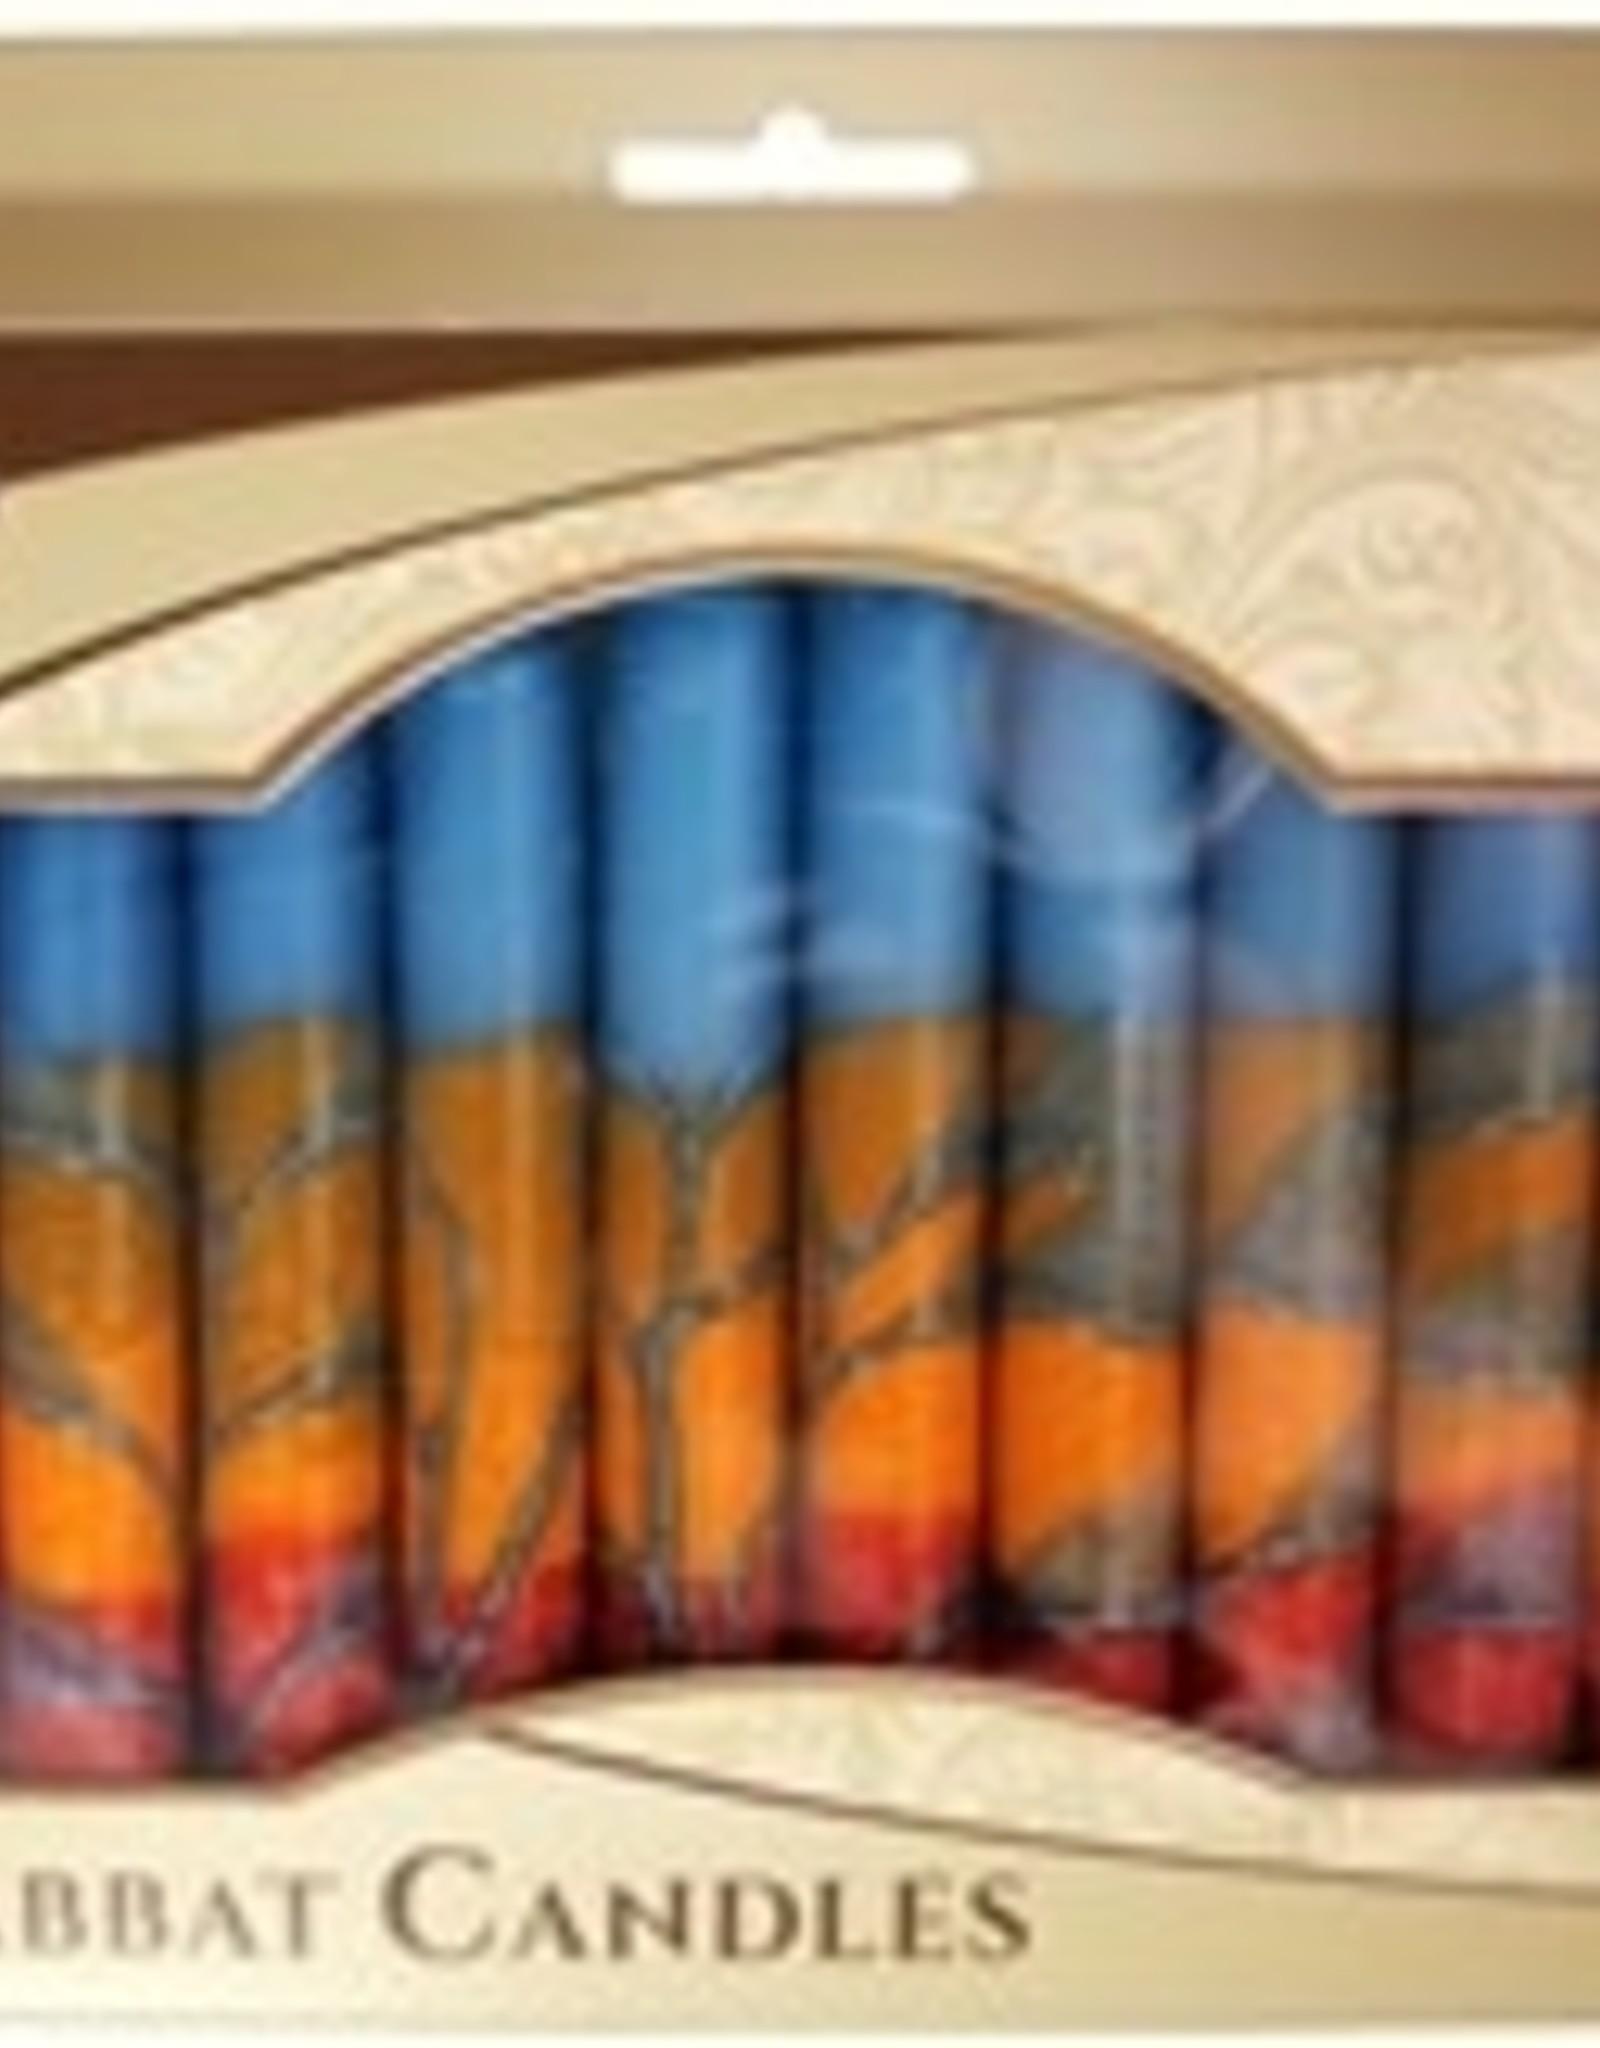 Candles, Safed Shabbat red/orange/blue